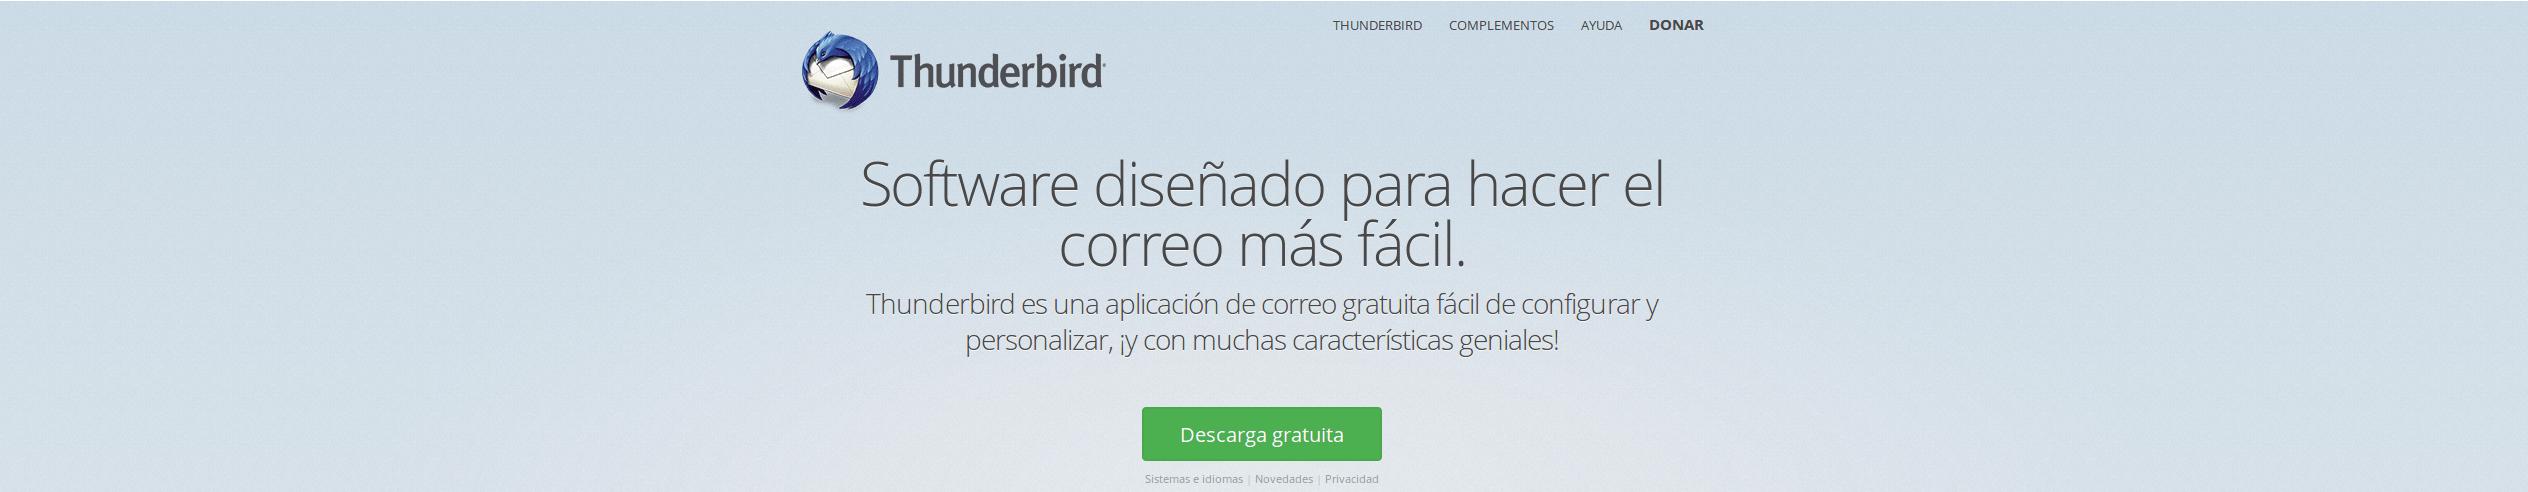 Fondo Thunderbird